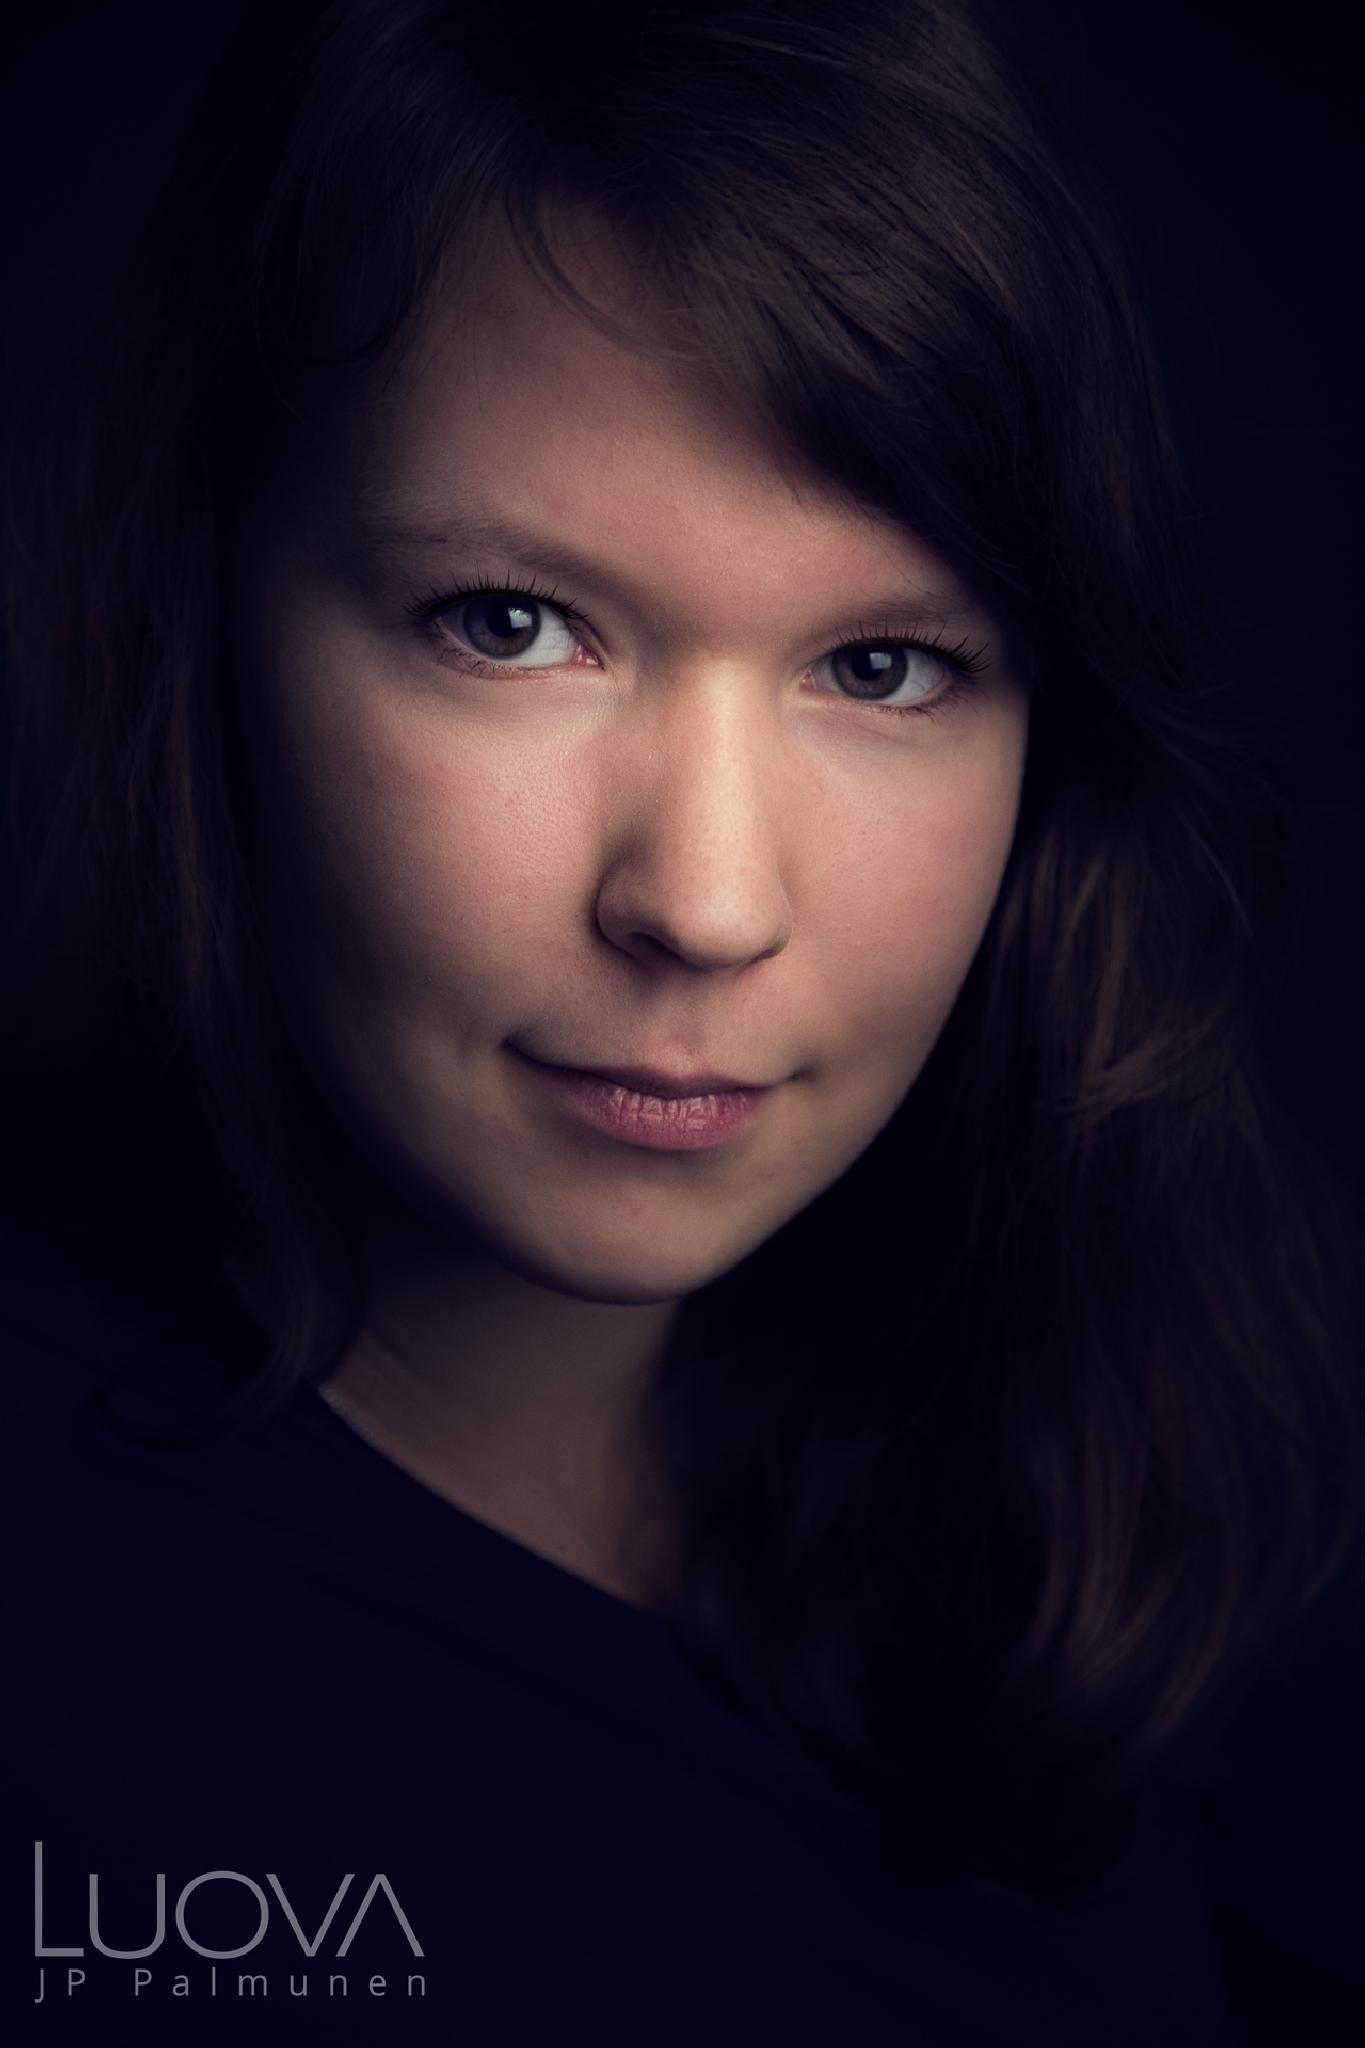 Helena by Jan-Peter Palmunen